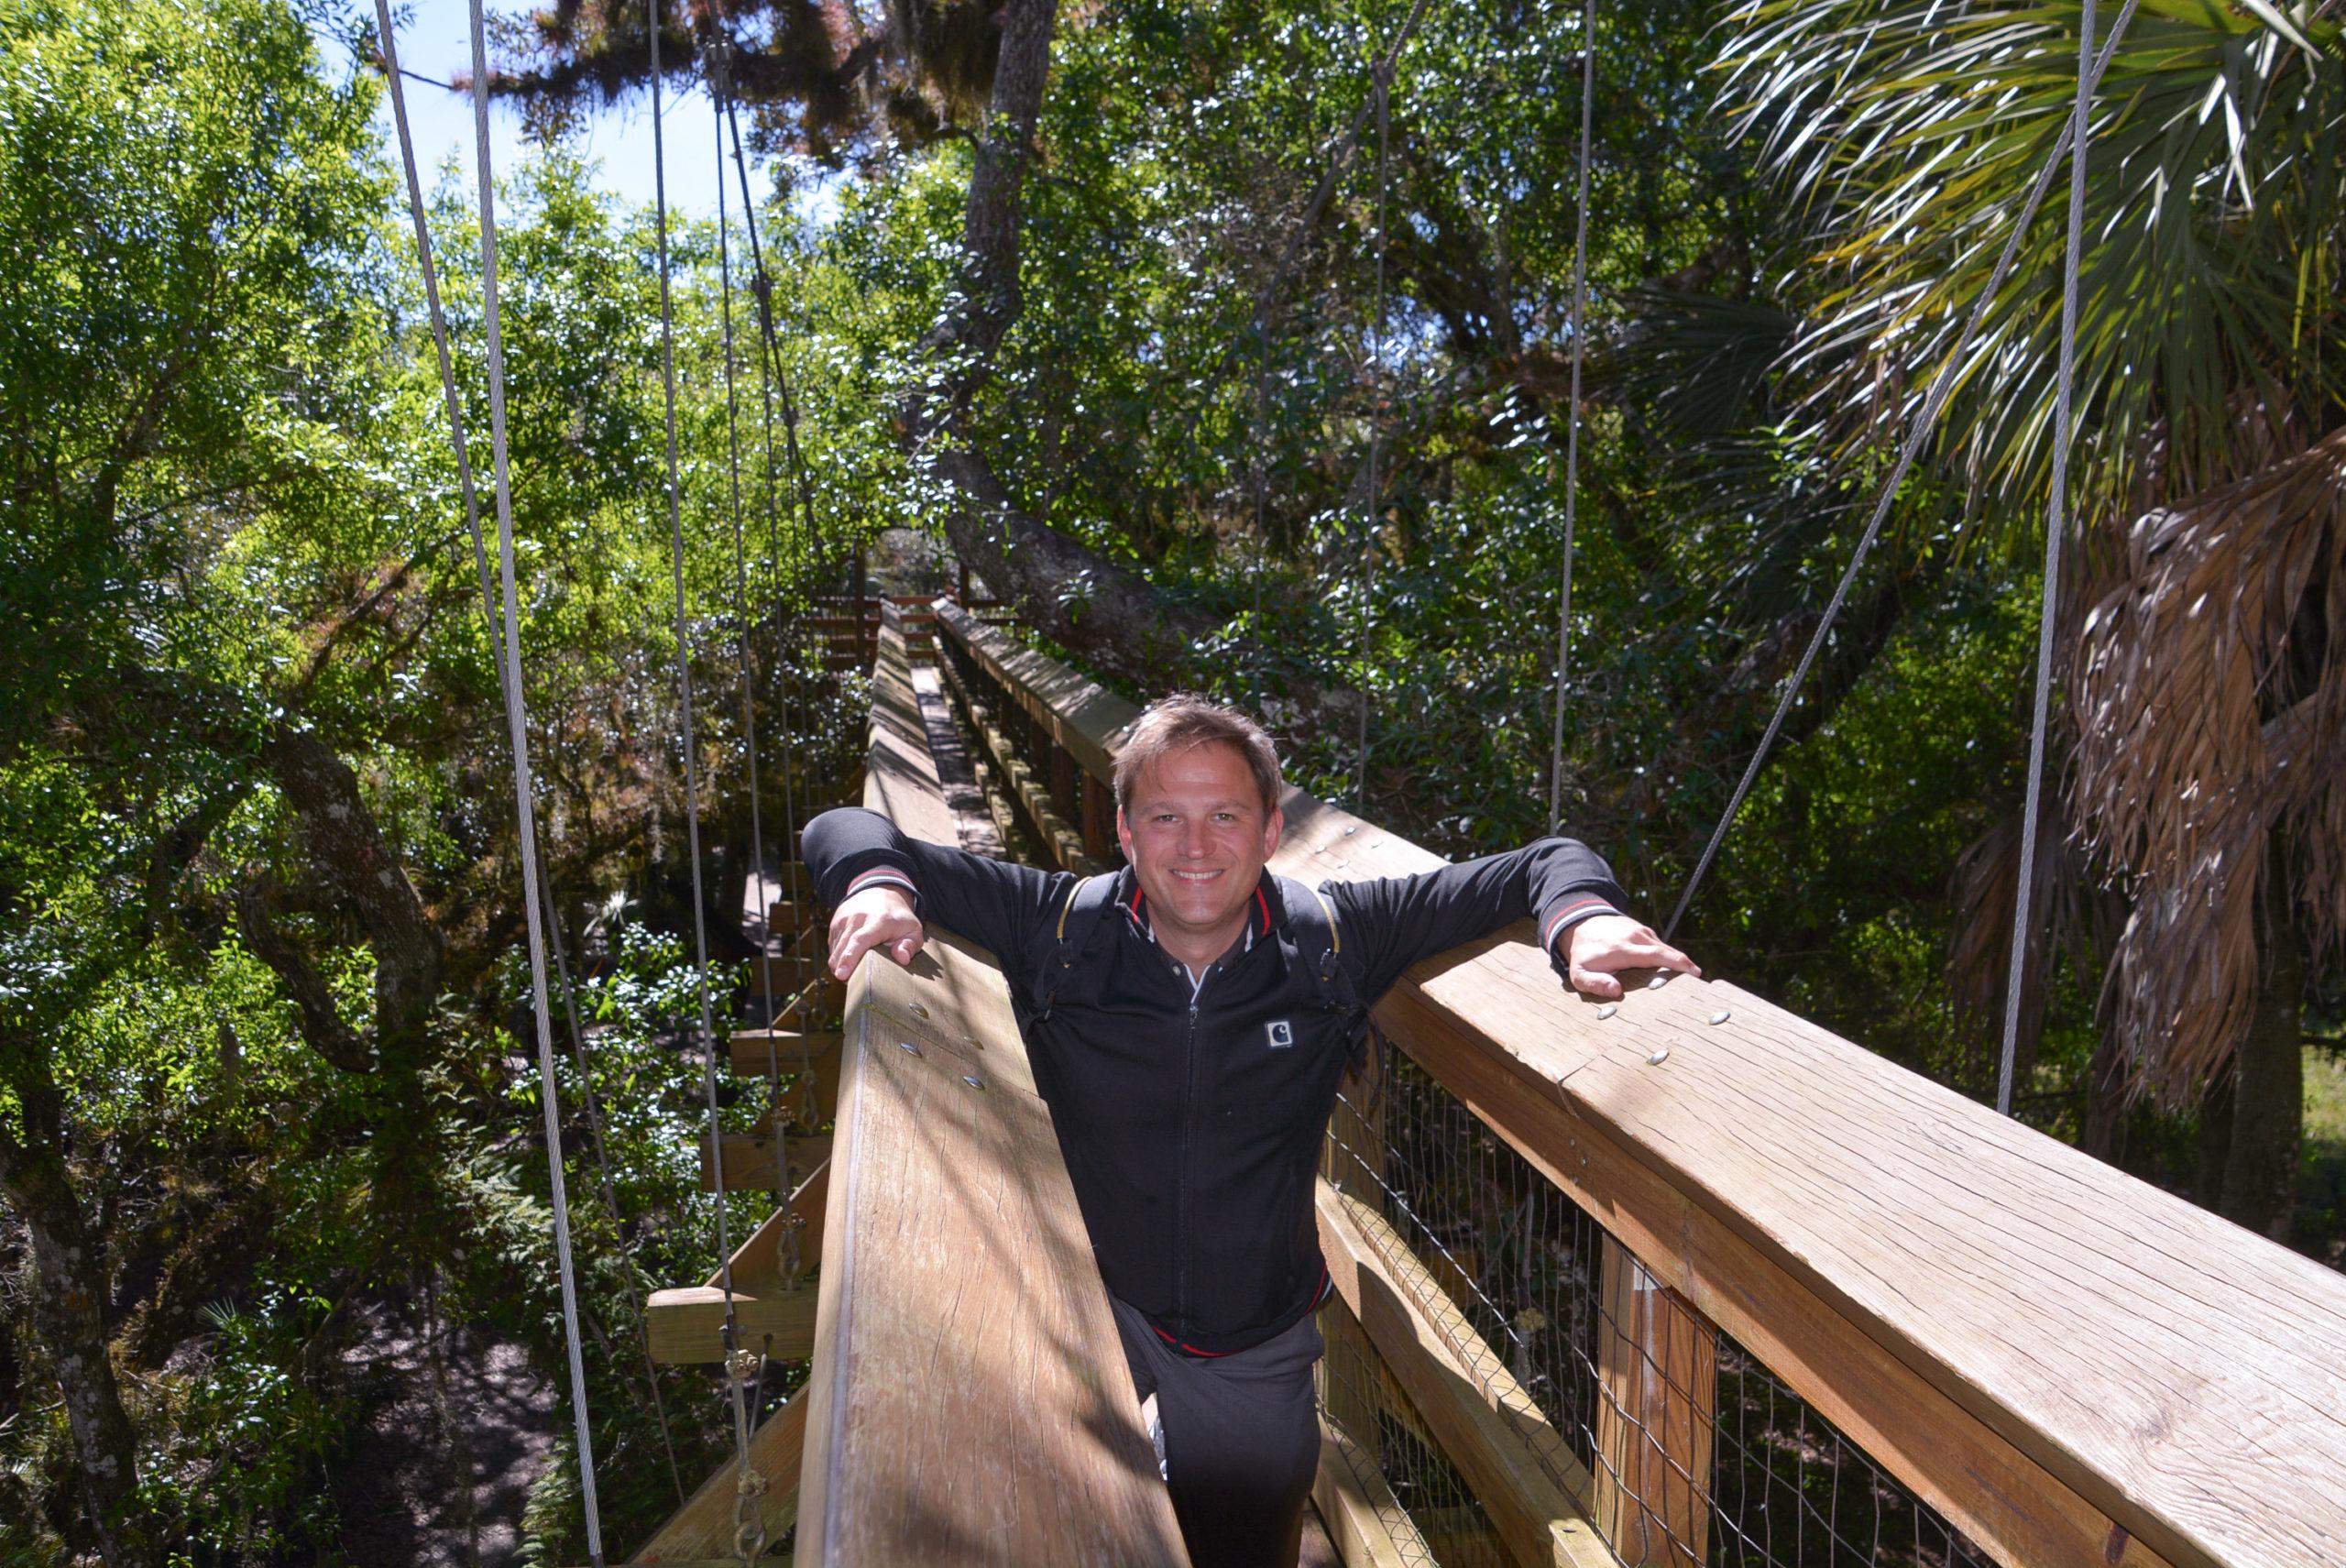 Autor Ralf Johnen auf dem Canopy Walk im Myakka State Park